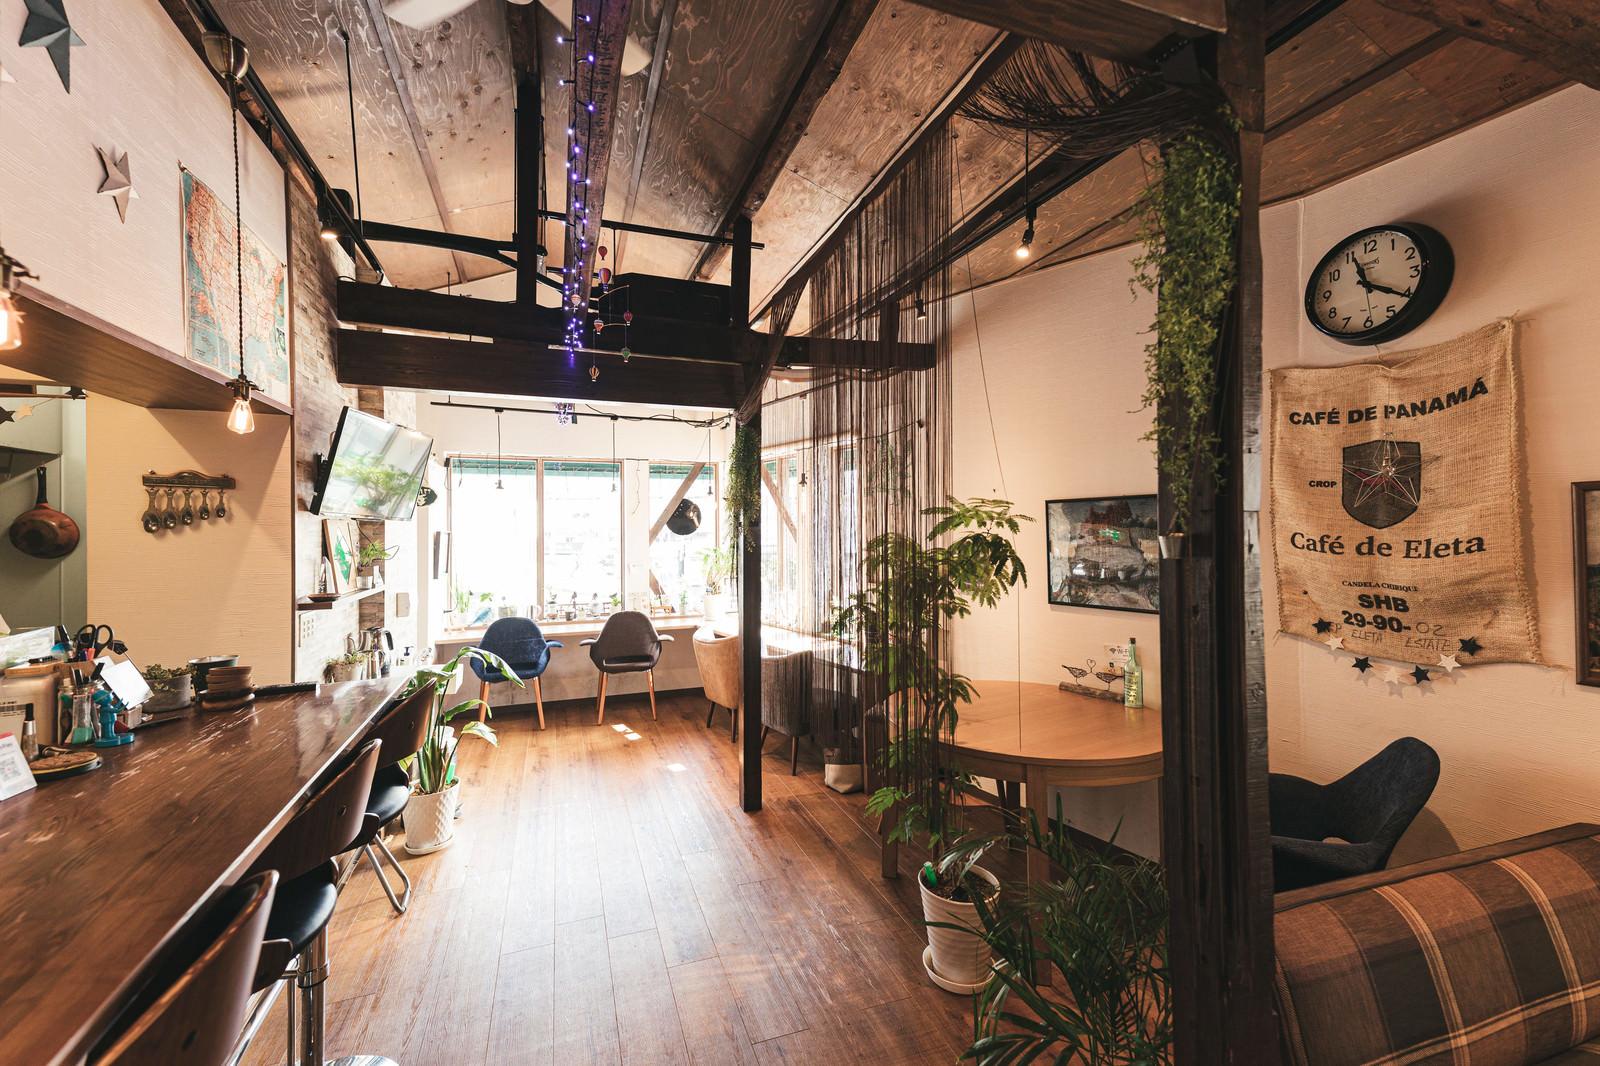 「珈琲の麻袋が壁に飾ってあるカフェ店内の様子」の写真